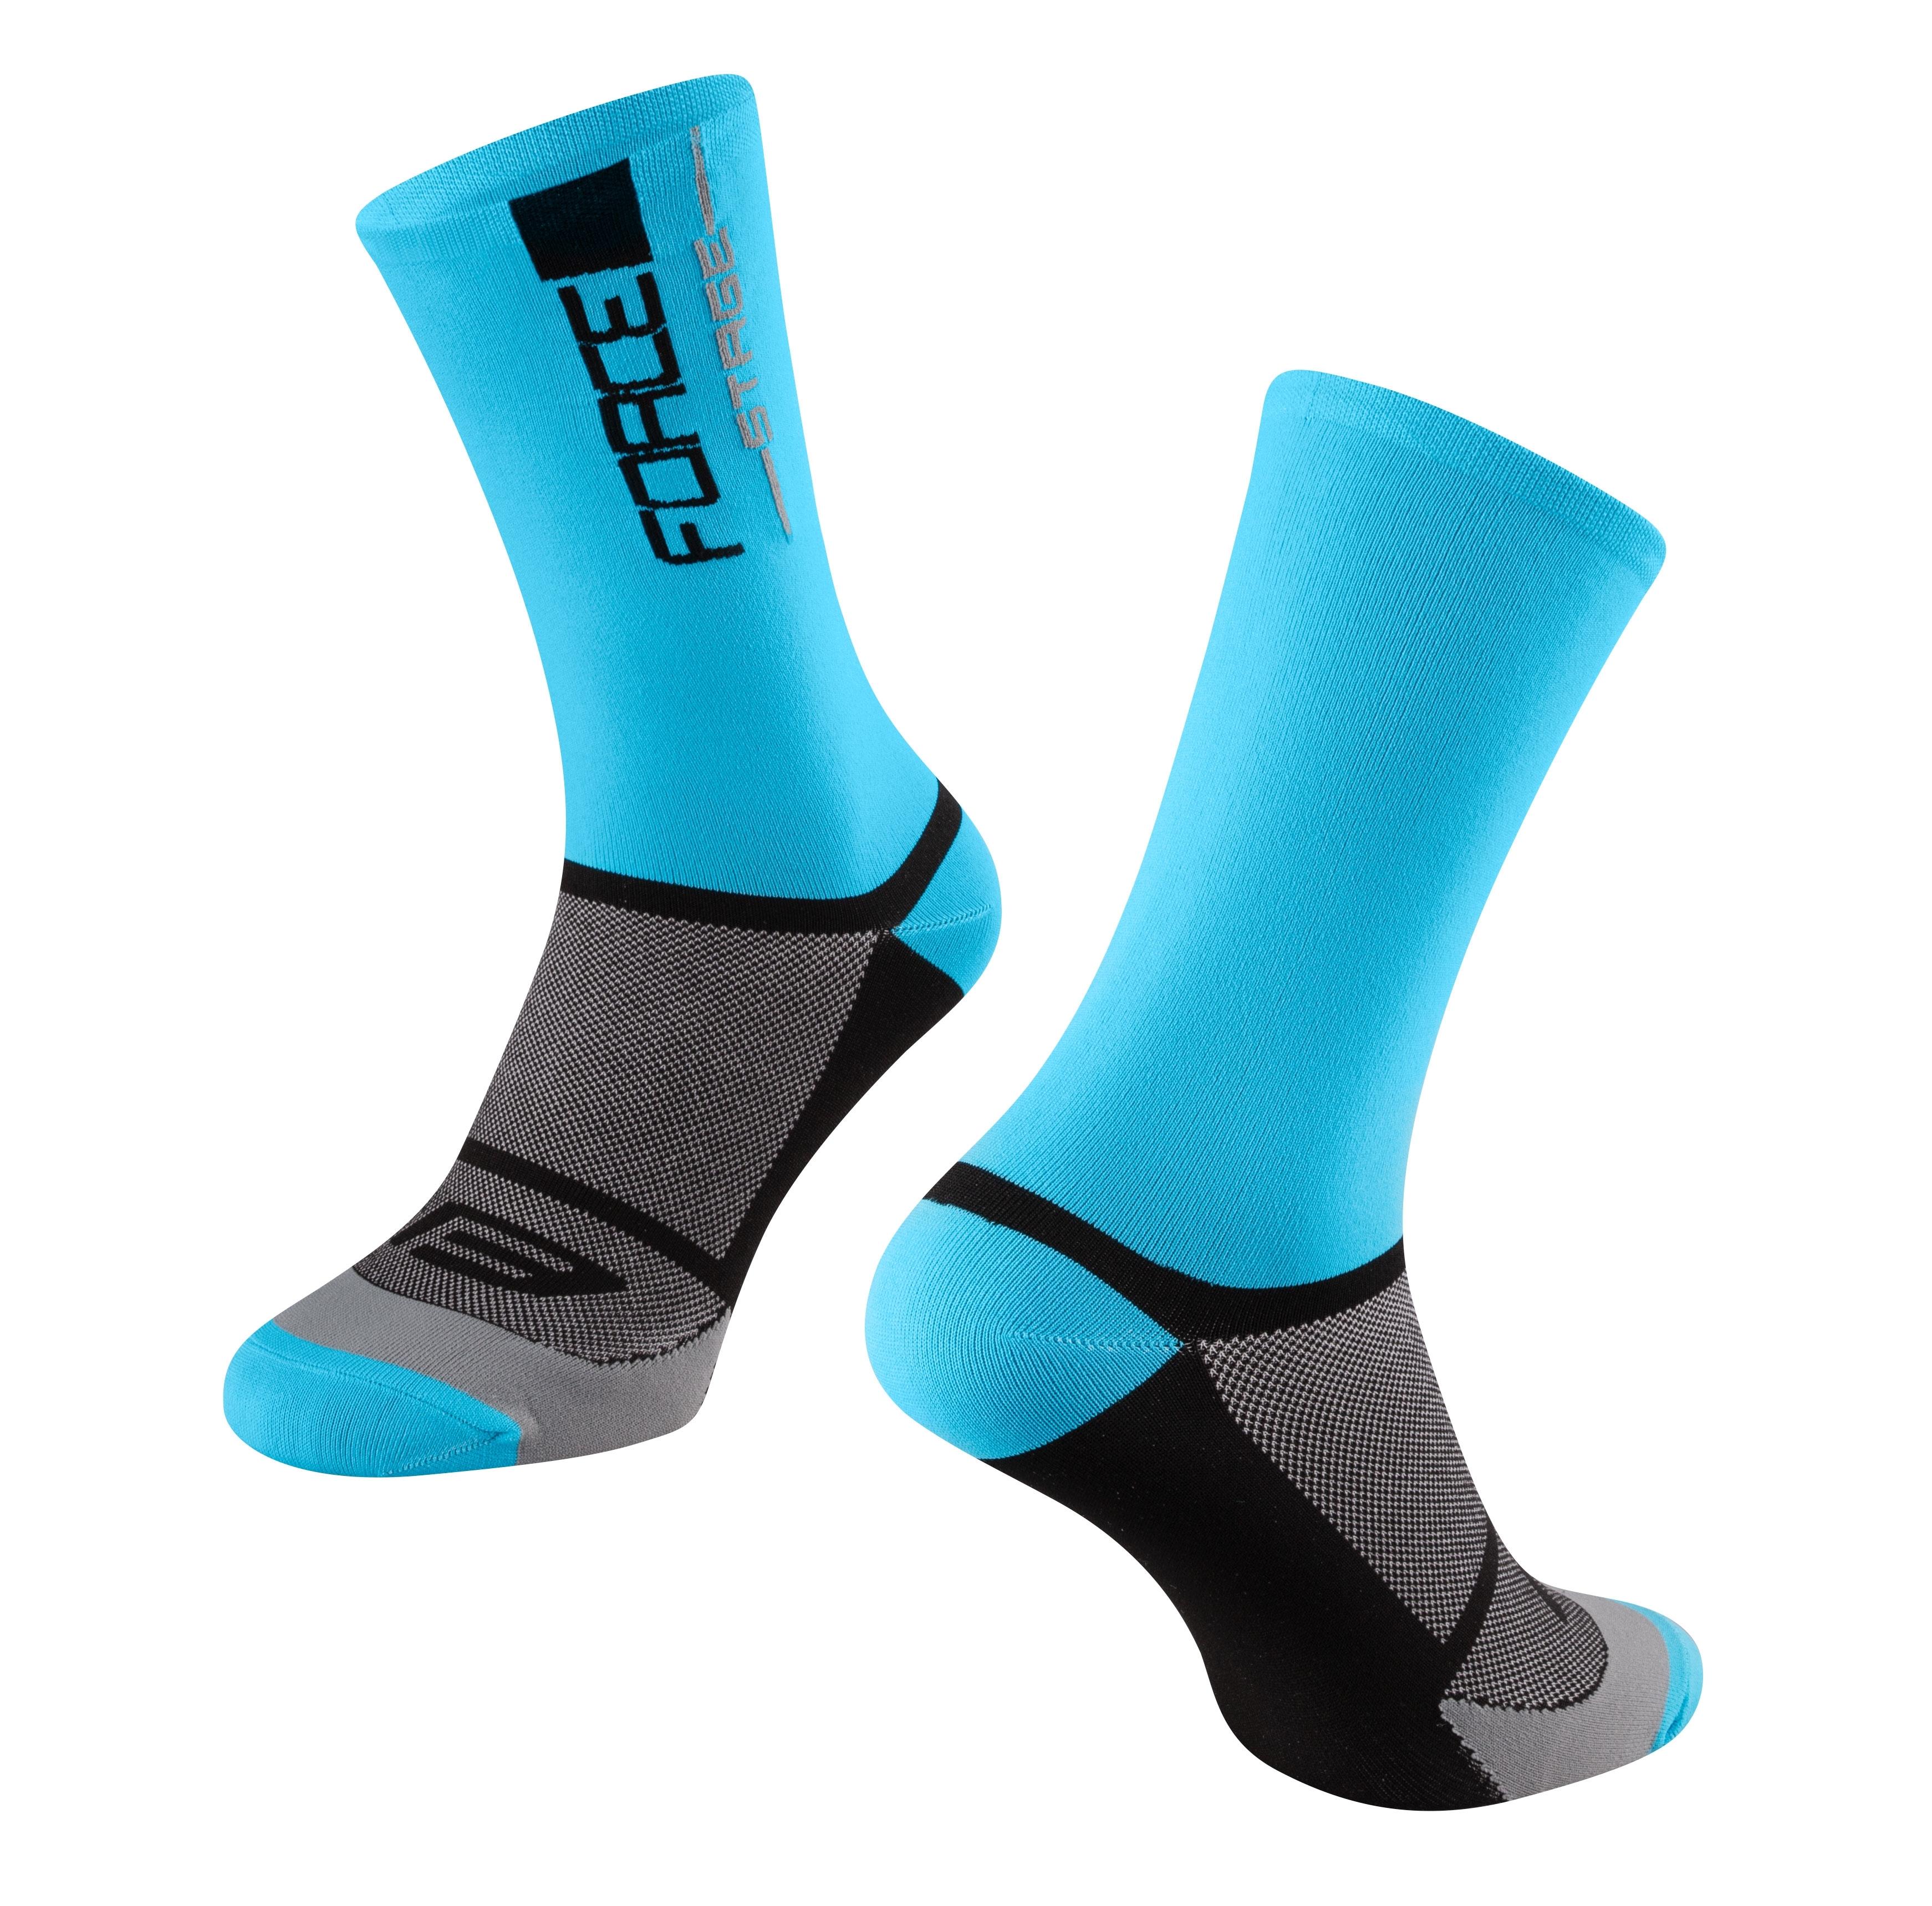 ponožky FORCE STAGE, modro-černé S-M/36-41